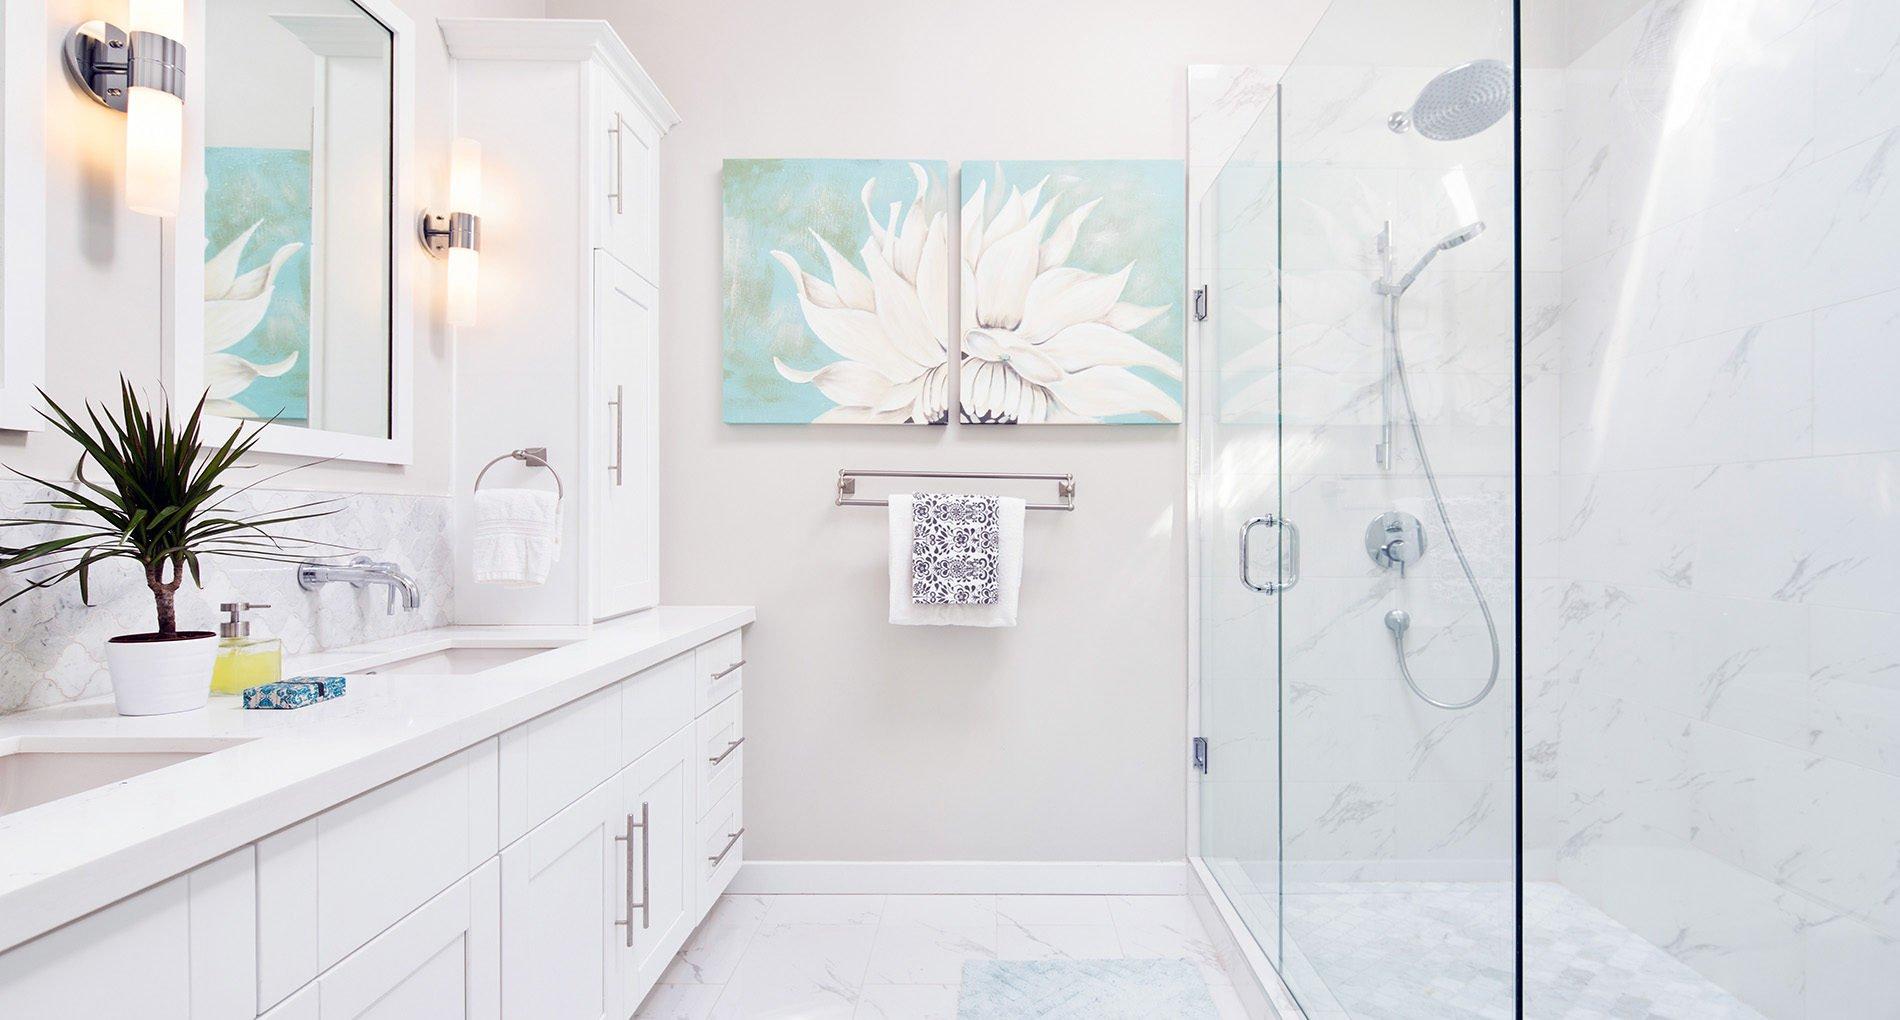 Bathroom Renovation Vancouver West17th Slider